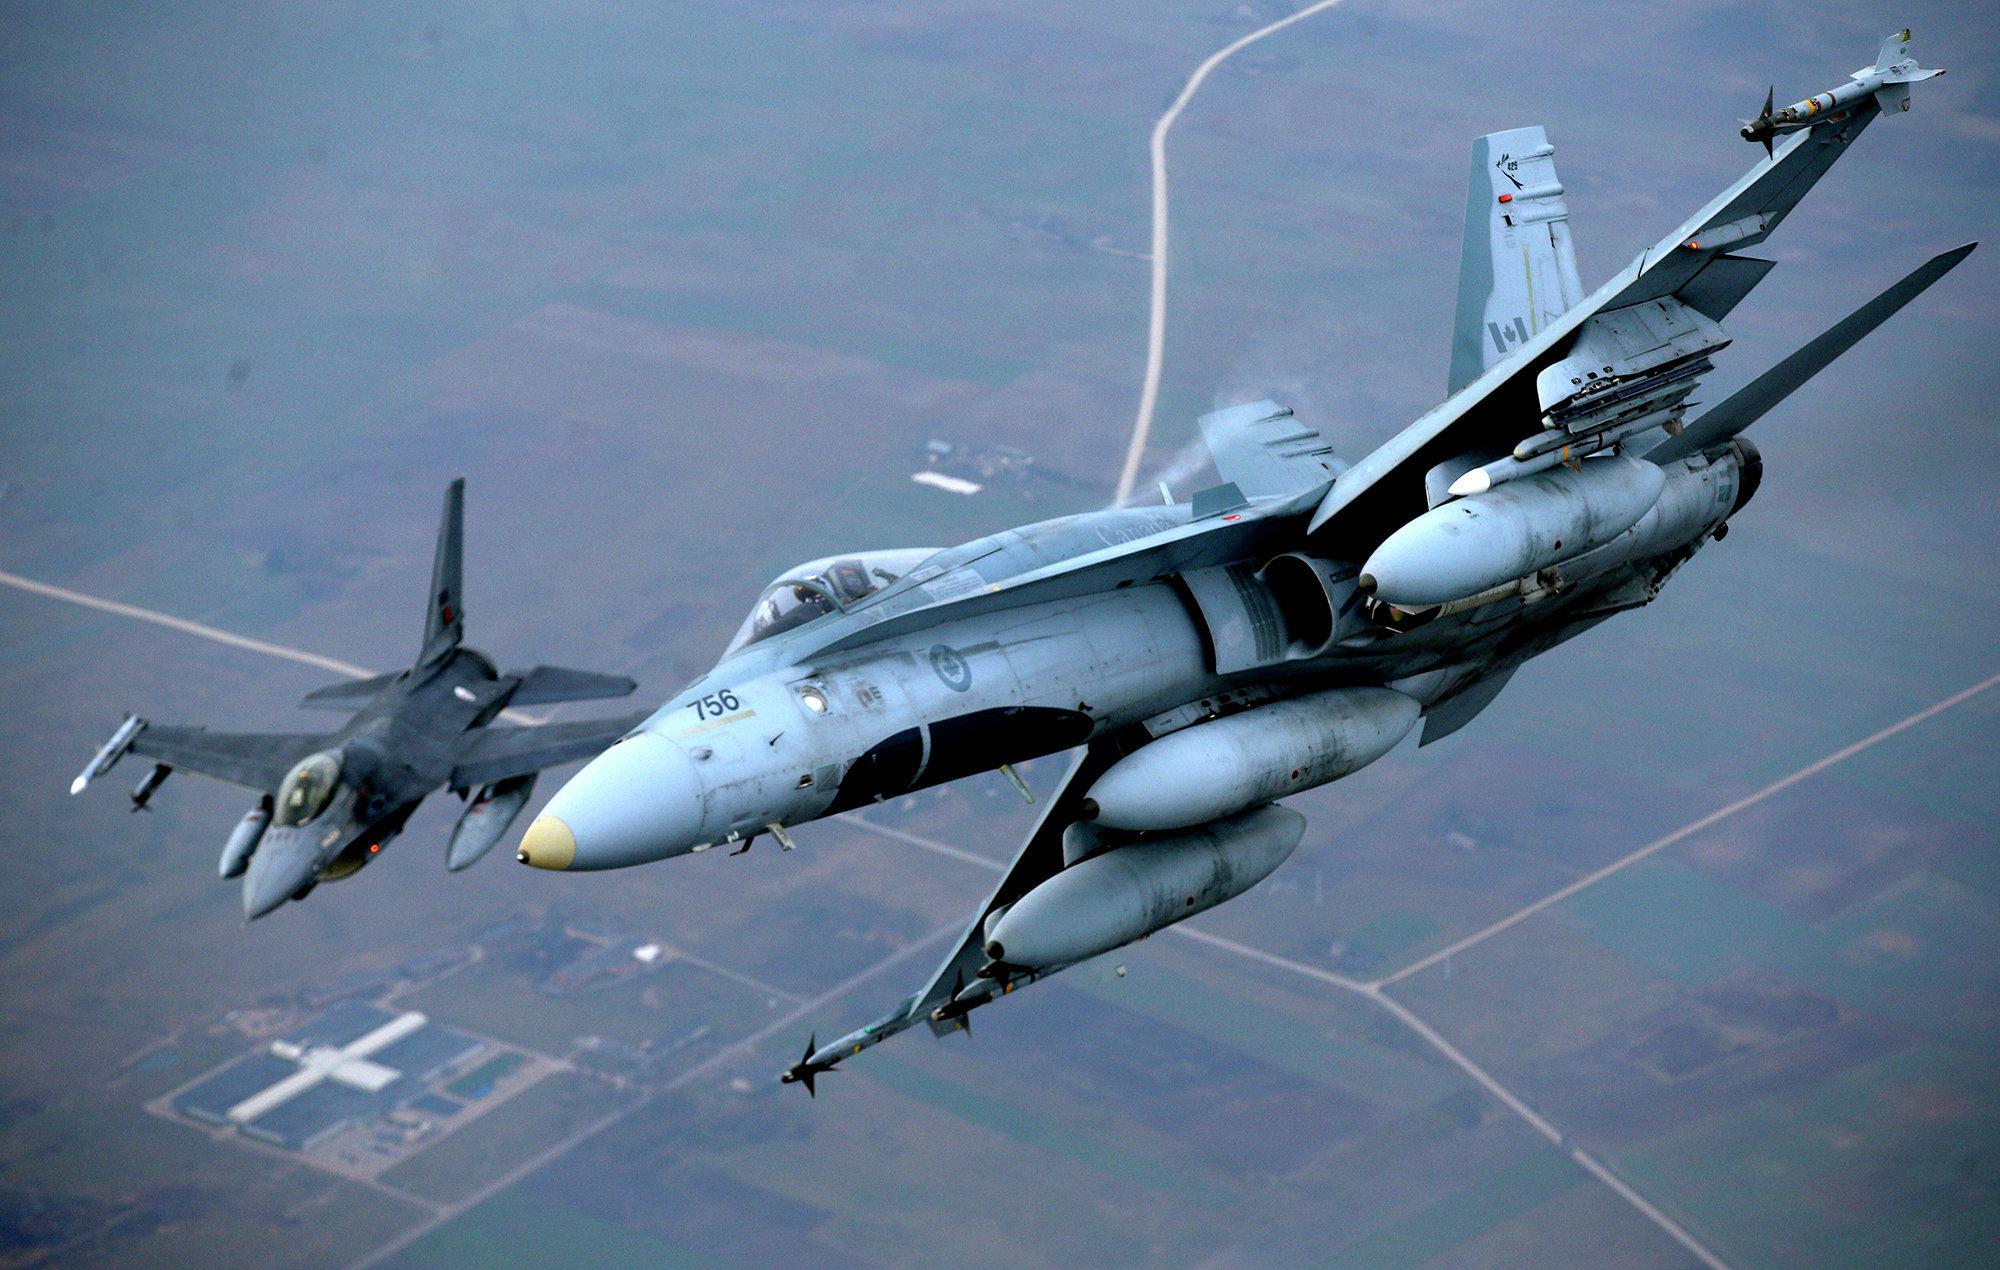 Военный эксперт: Мы стоим на пороге новой холодной войны